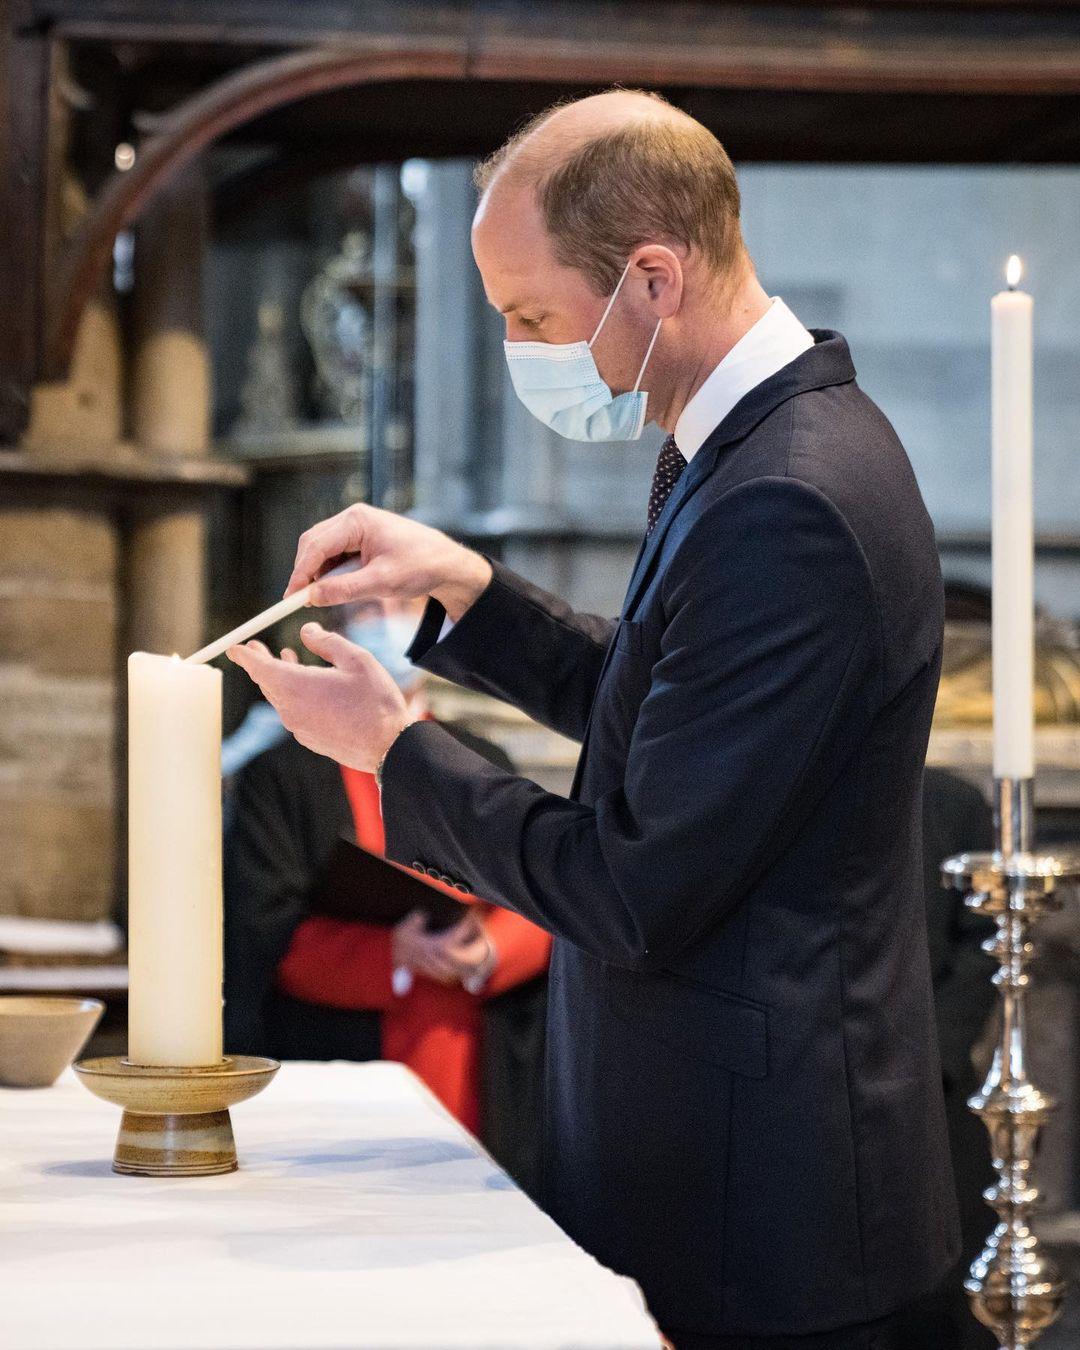 الأمير ويليام يشعل شمعة في وستمنستر آبي تكريما لذكرى ضحايا كورونا-الصورة من أنستغرام